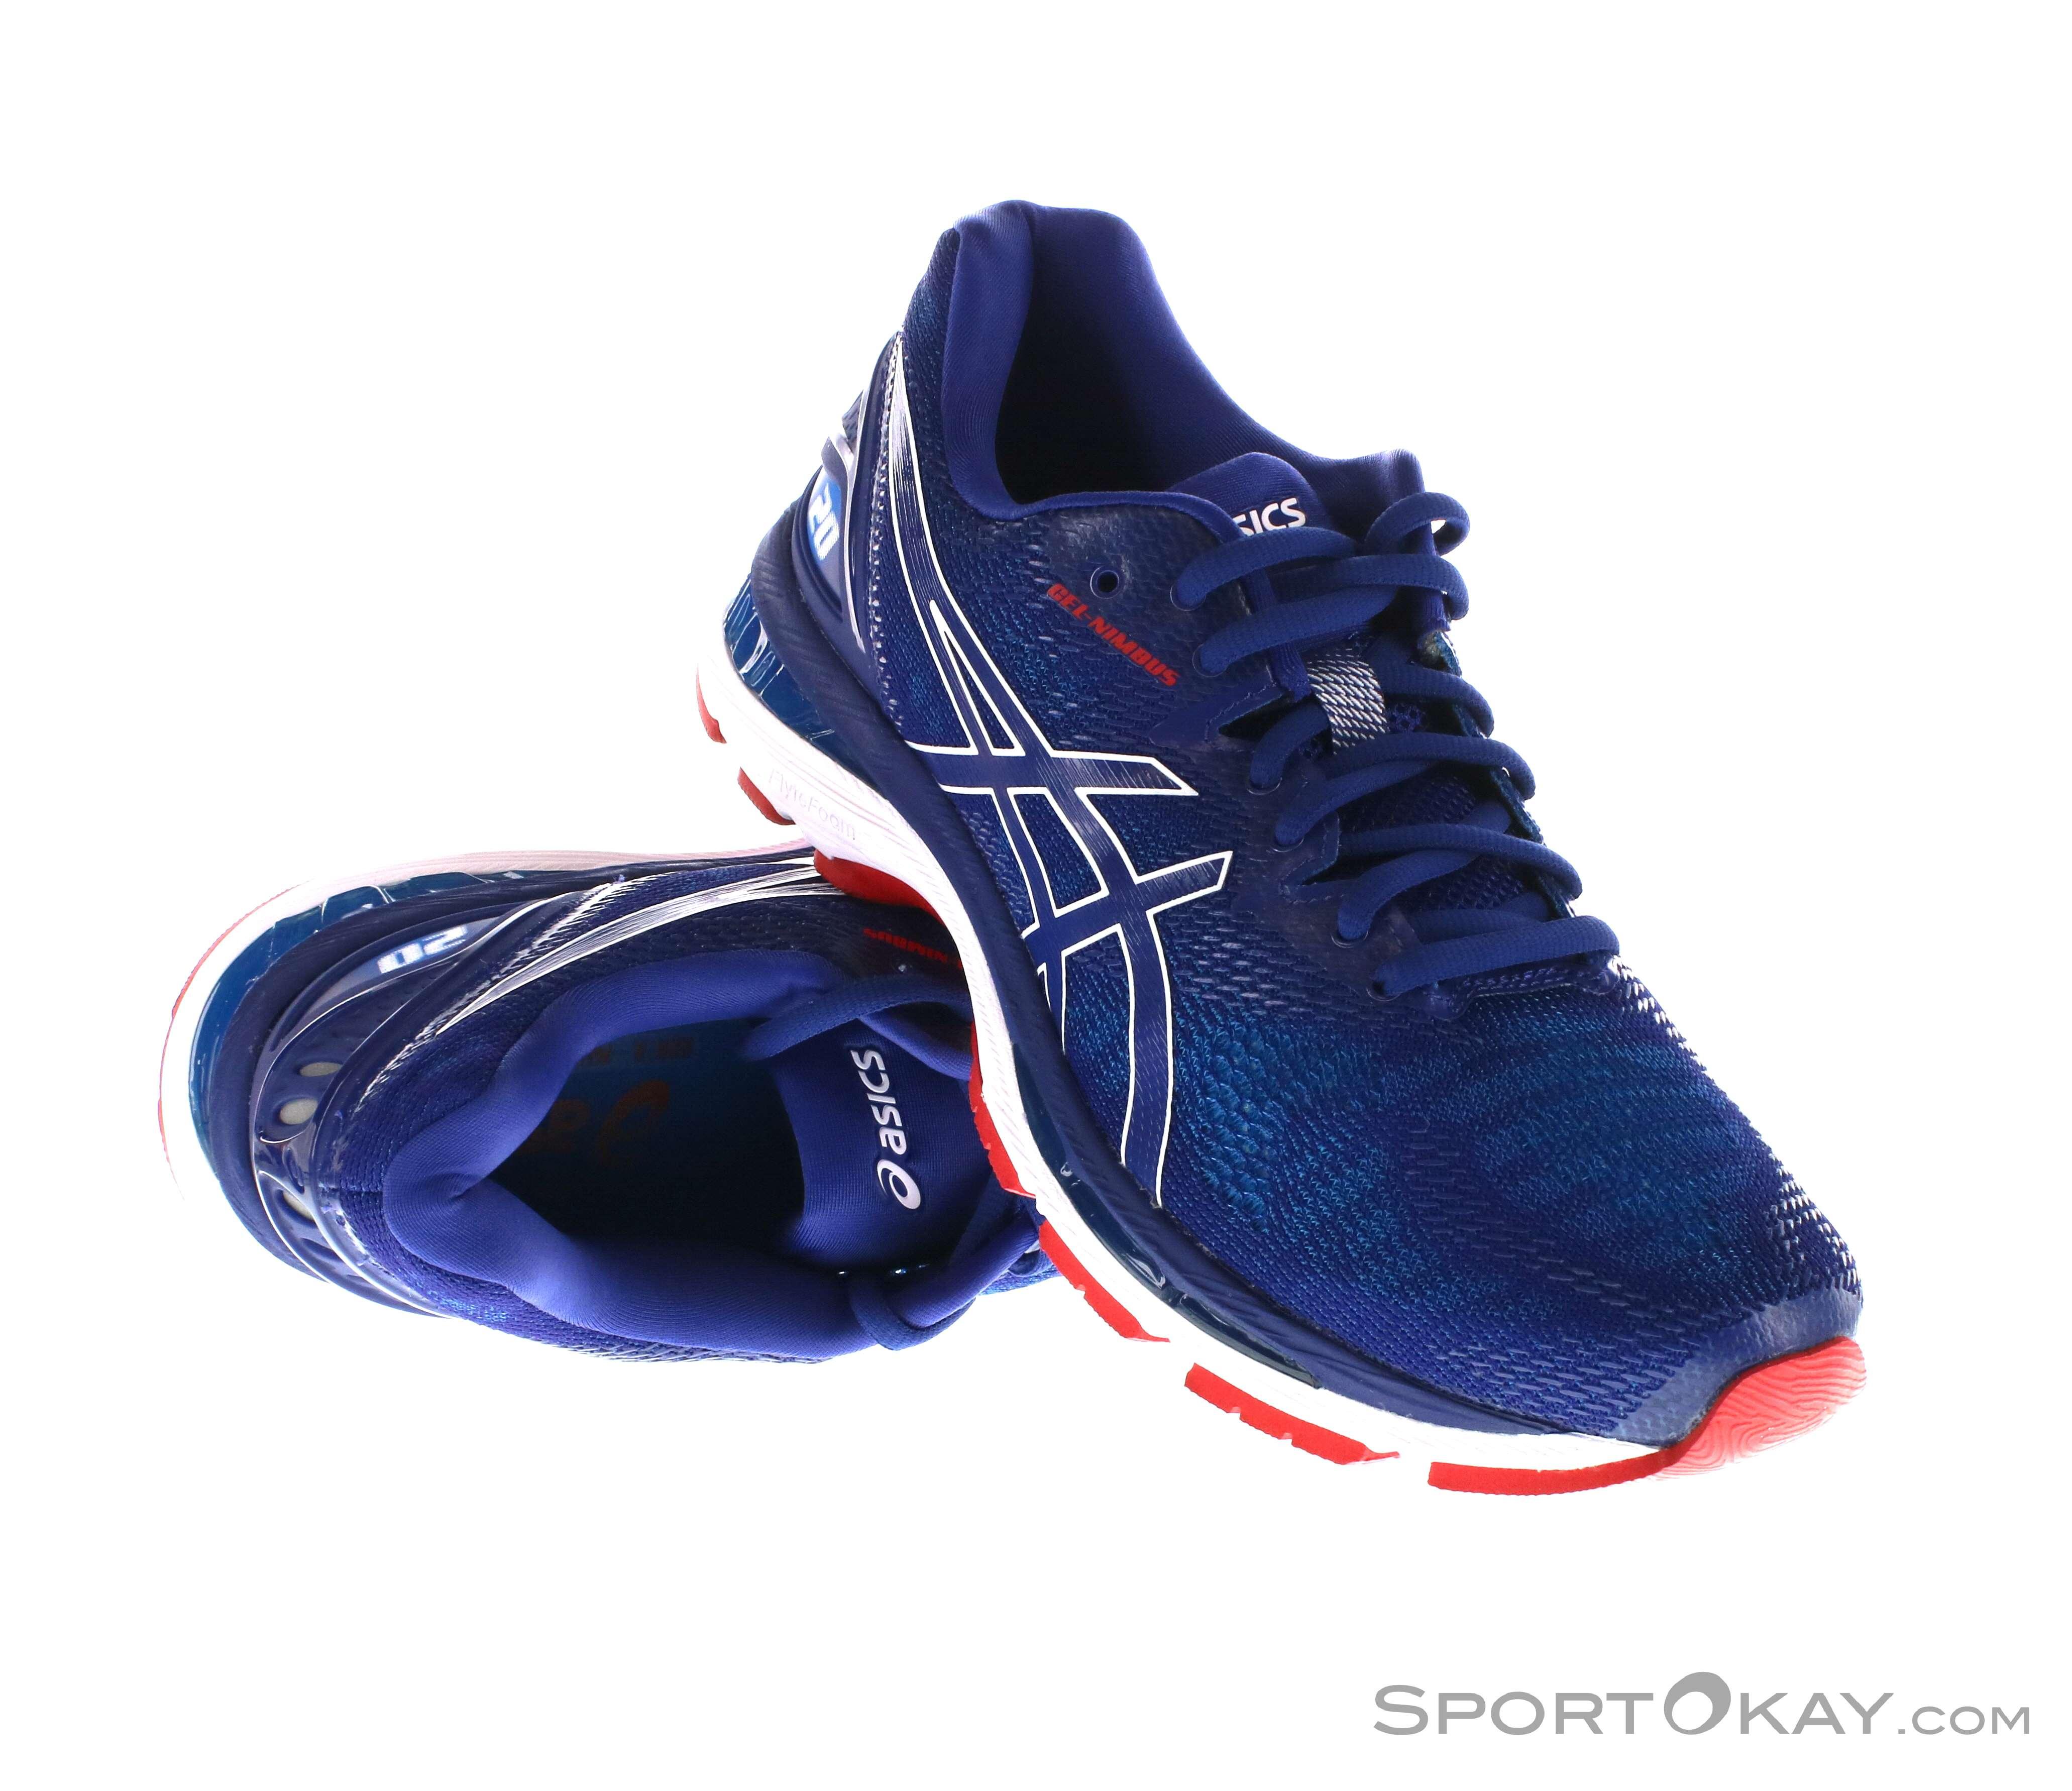 20 Mens Asics Nimbus Gel Shoes Running 5ulF1TK3Jc